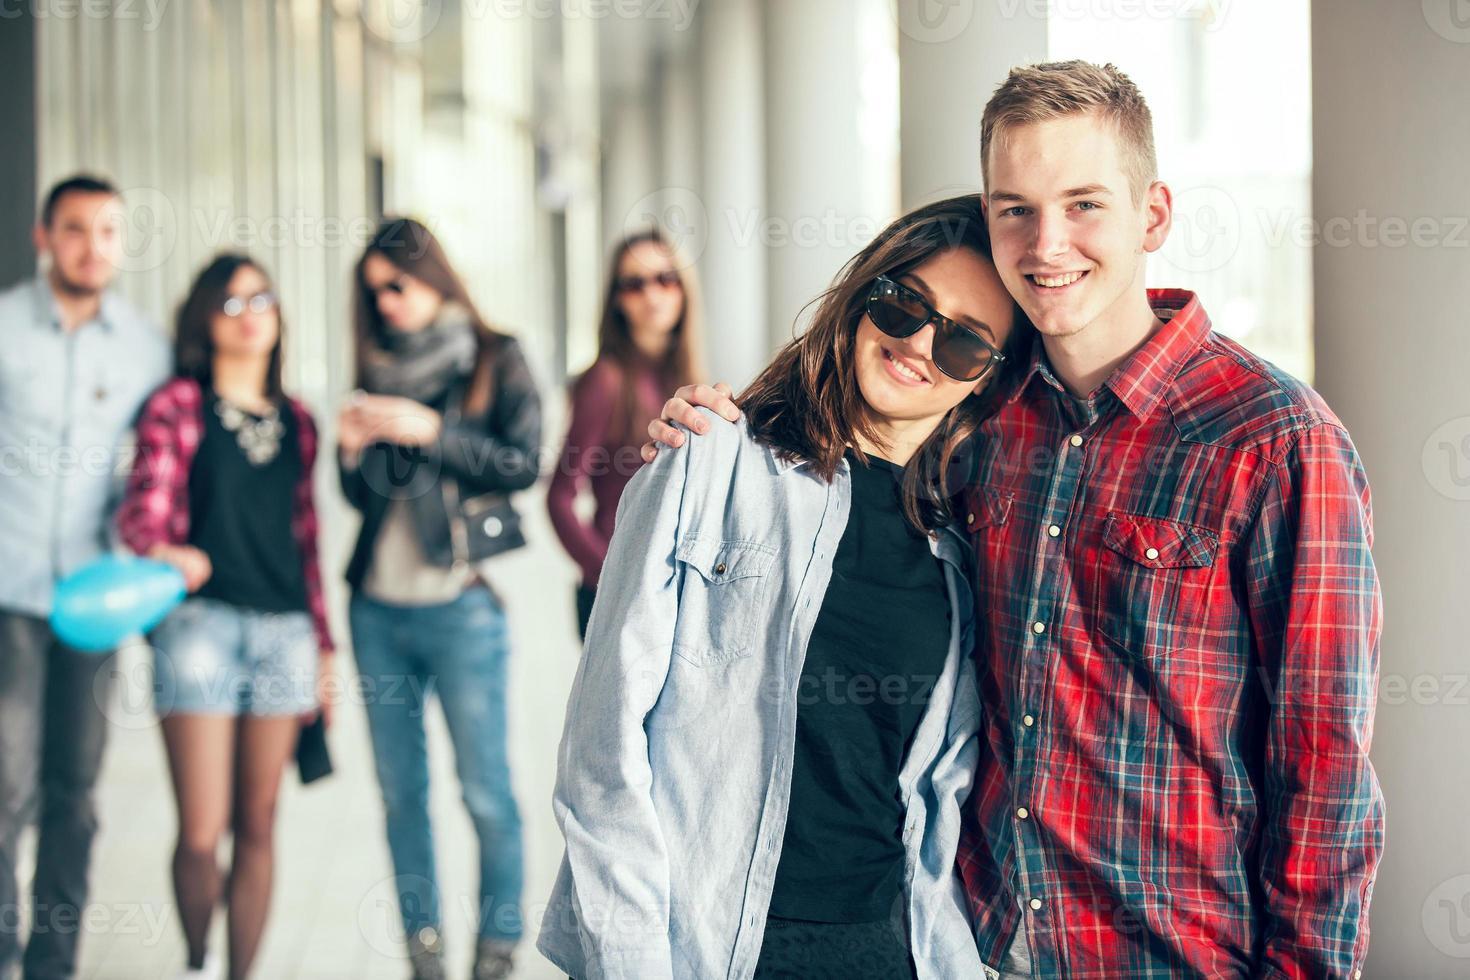 groupe d'amis adolescents heureux photo